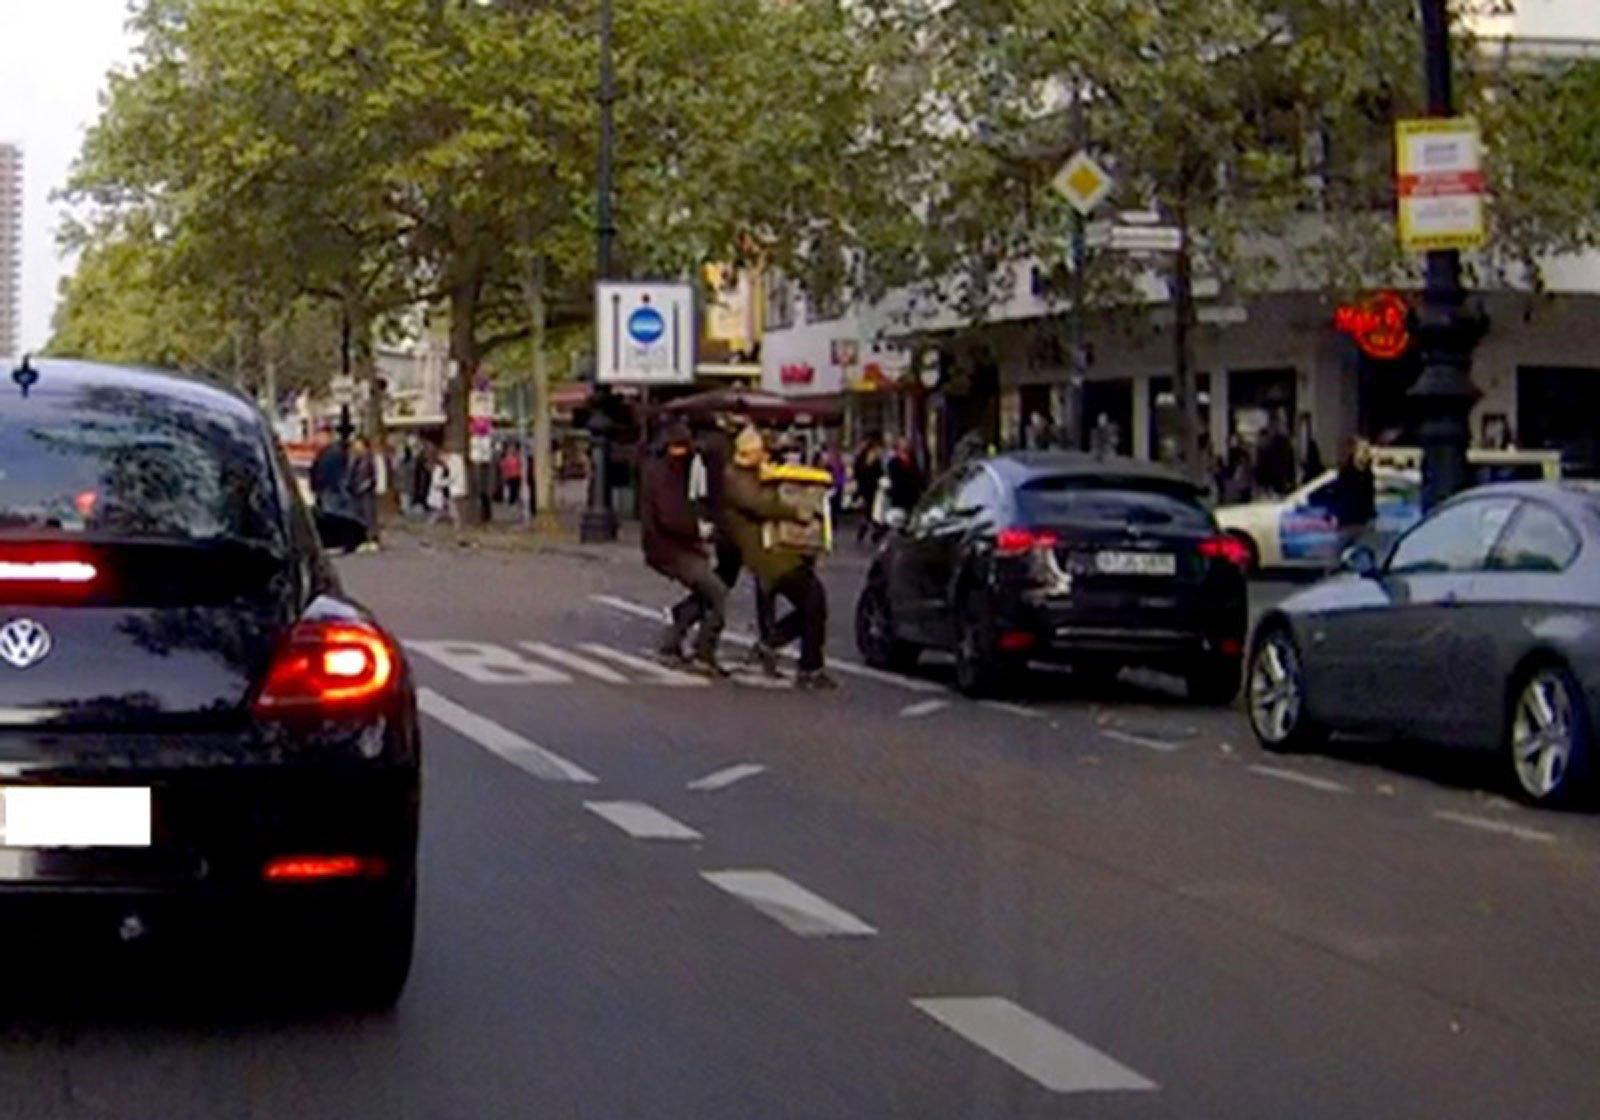 Video: Überfall Apple Store Berlin - Polizei sucht Täter mit Dashcam Video! 6